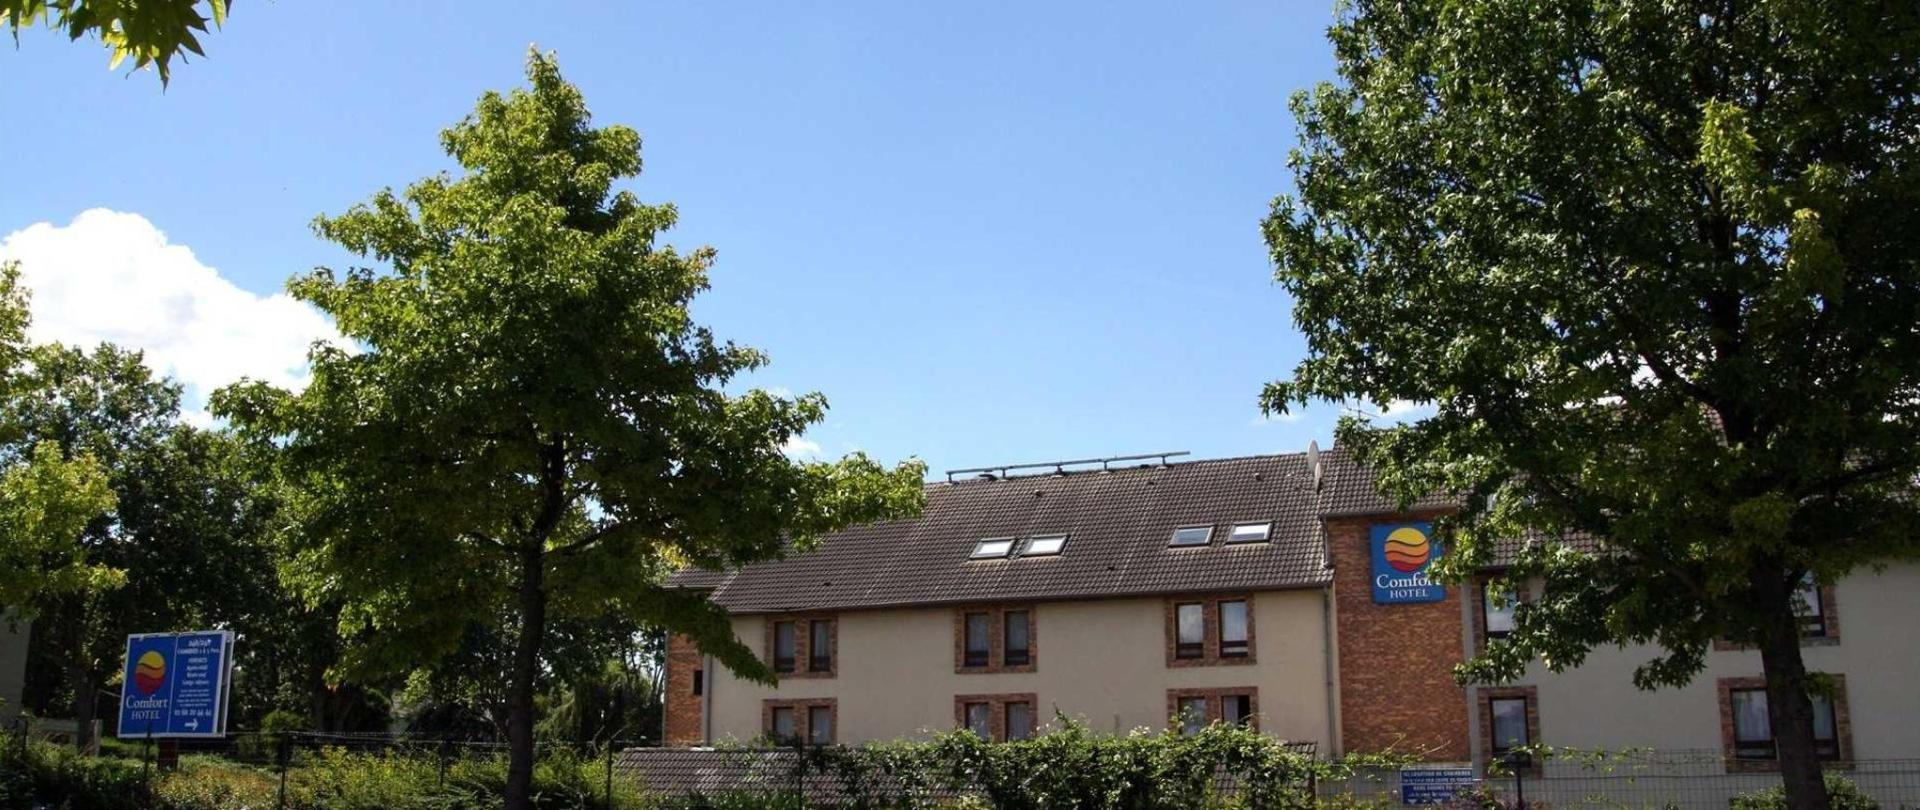 facade2.jpg.1920x807_default.jpg